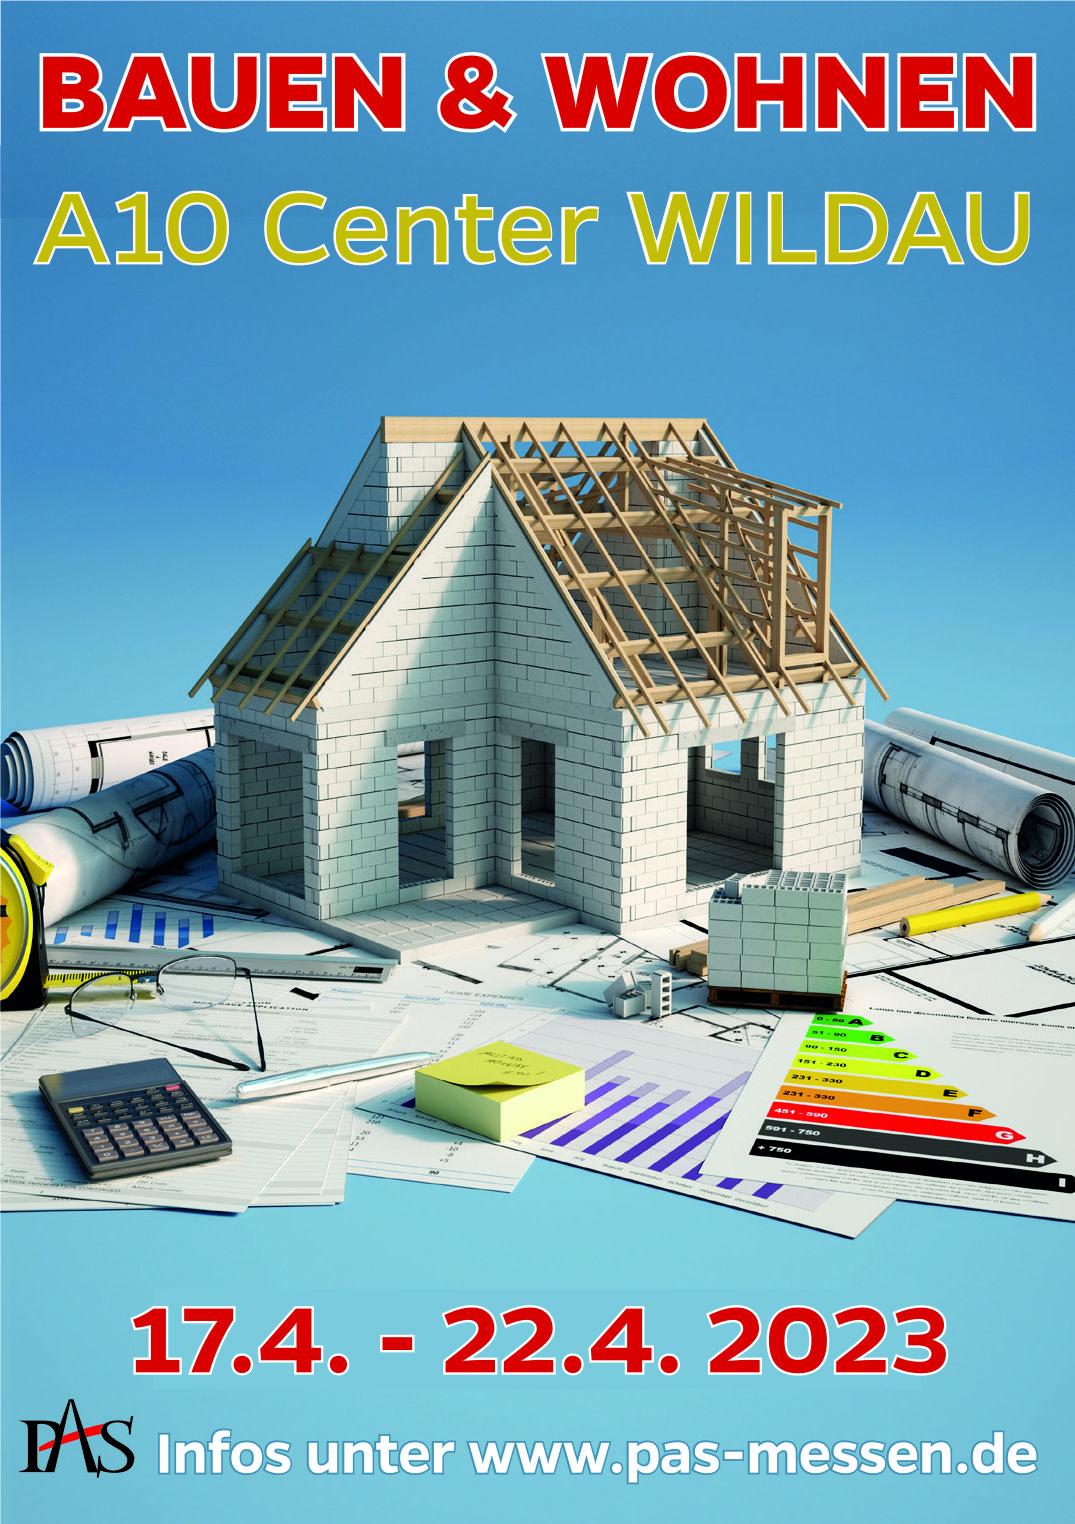 Messe Bauen & Wohnen im A10 Center Wildau